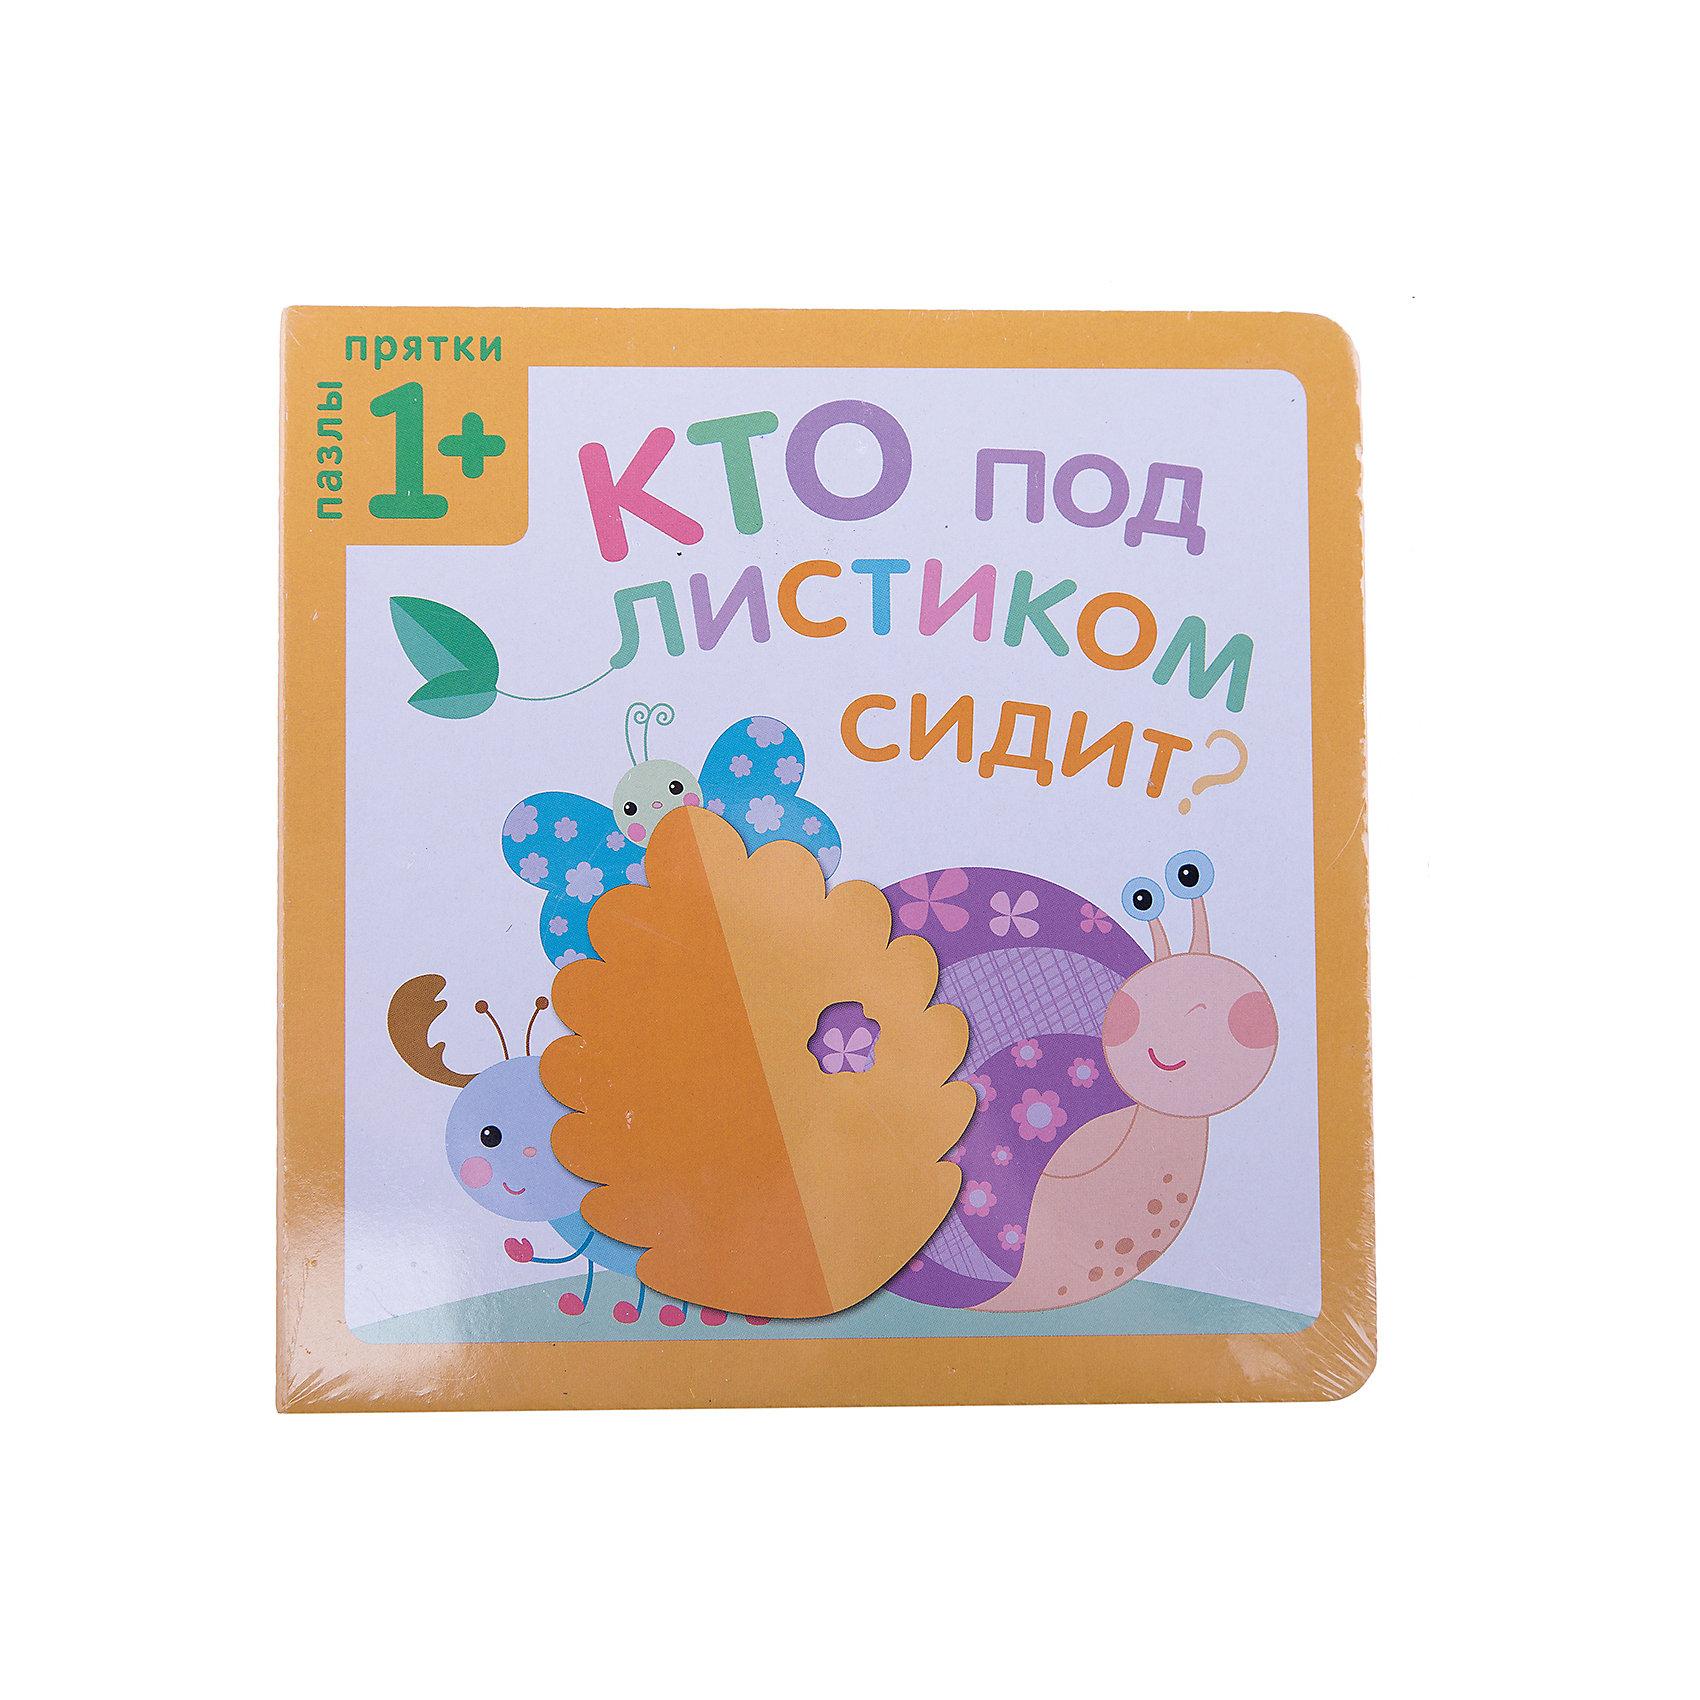 Пазлы-прятки Кто под листиком сидит?Творчество для малышей<br>Пазлы-прятки Кто под листиком сидит?<br><br>Характеристики:<br><br>• загадки в стихах<br>• отгадка прячется под пазлом<br>• яркие иллюстрации<br>• переплет: твердый<br>• количество страниц: 8<br>• ISBN: 9785431508110<br>• издательство: Мозаика-Синтез<br>• автор: Юлия Курылева<br>• размер: 17х2,5х17 см<br>• вес: 392 грамма<br><br>Кто под листиком сидит - универсальная книга для чтения и игр. На страницах книги находятся интересные загадки в стихах. Чтобы узнать правильный ответ, нужно вытащить пазлы из соседней странички. С каждой страницей количество частей пазла увеличивается. Игра поможет развить моторику рук, координацию движений и речь. Книга изготовлена из плотного картона с красочными иллюстрациями.<br><br>Пазлы-прятки Кто под листиком сидит? можно купить в нашем интернет-магазине.<br><br>Ширина мм: 20<br>Глубина мм: 170<br>Высота мм: 170<br>Вес г: 392<br>Возраст от месяцев: 12<br>Возраст до месяцев: 48<br>Пол: Унисекс<br>Возраст: Детский<br>SKU: 5362904